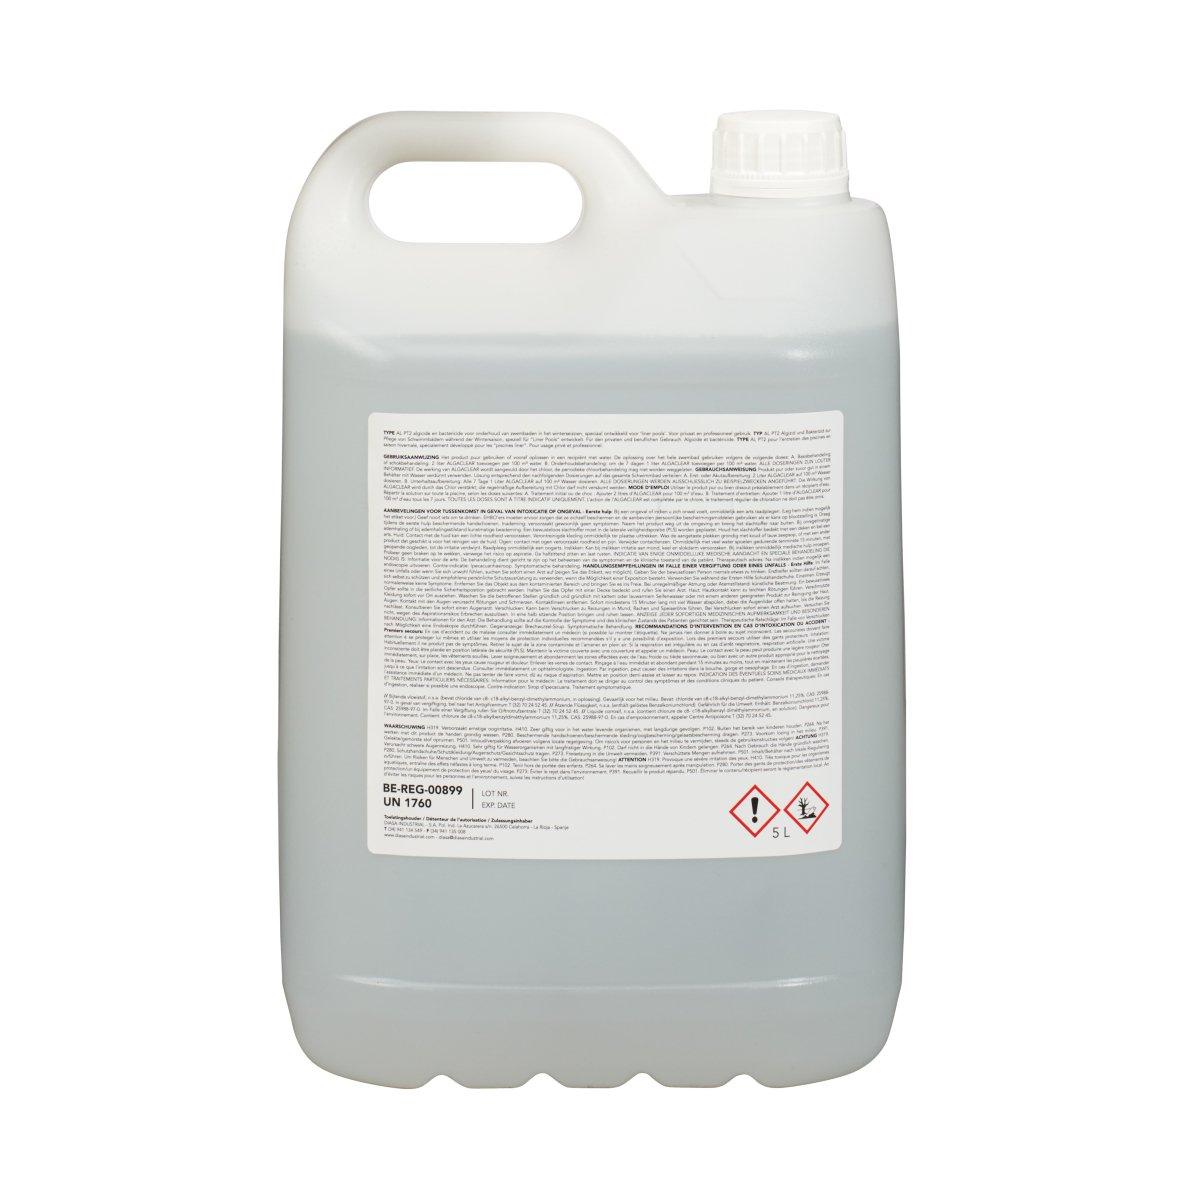 Anti algen Easy Clear 5 liter